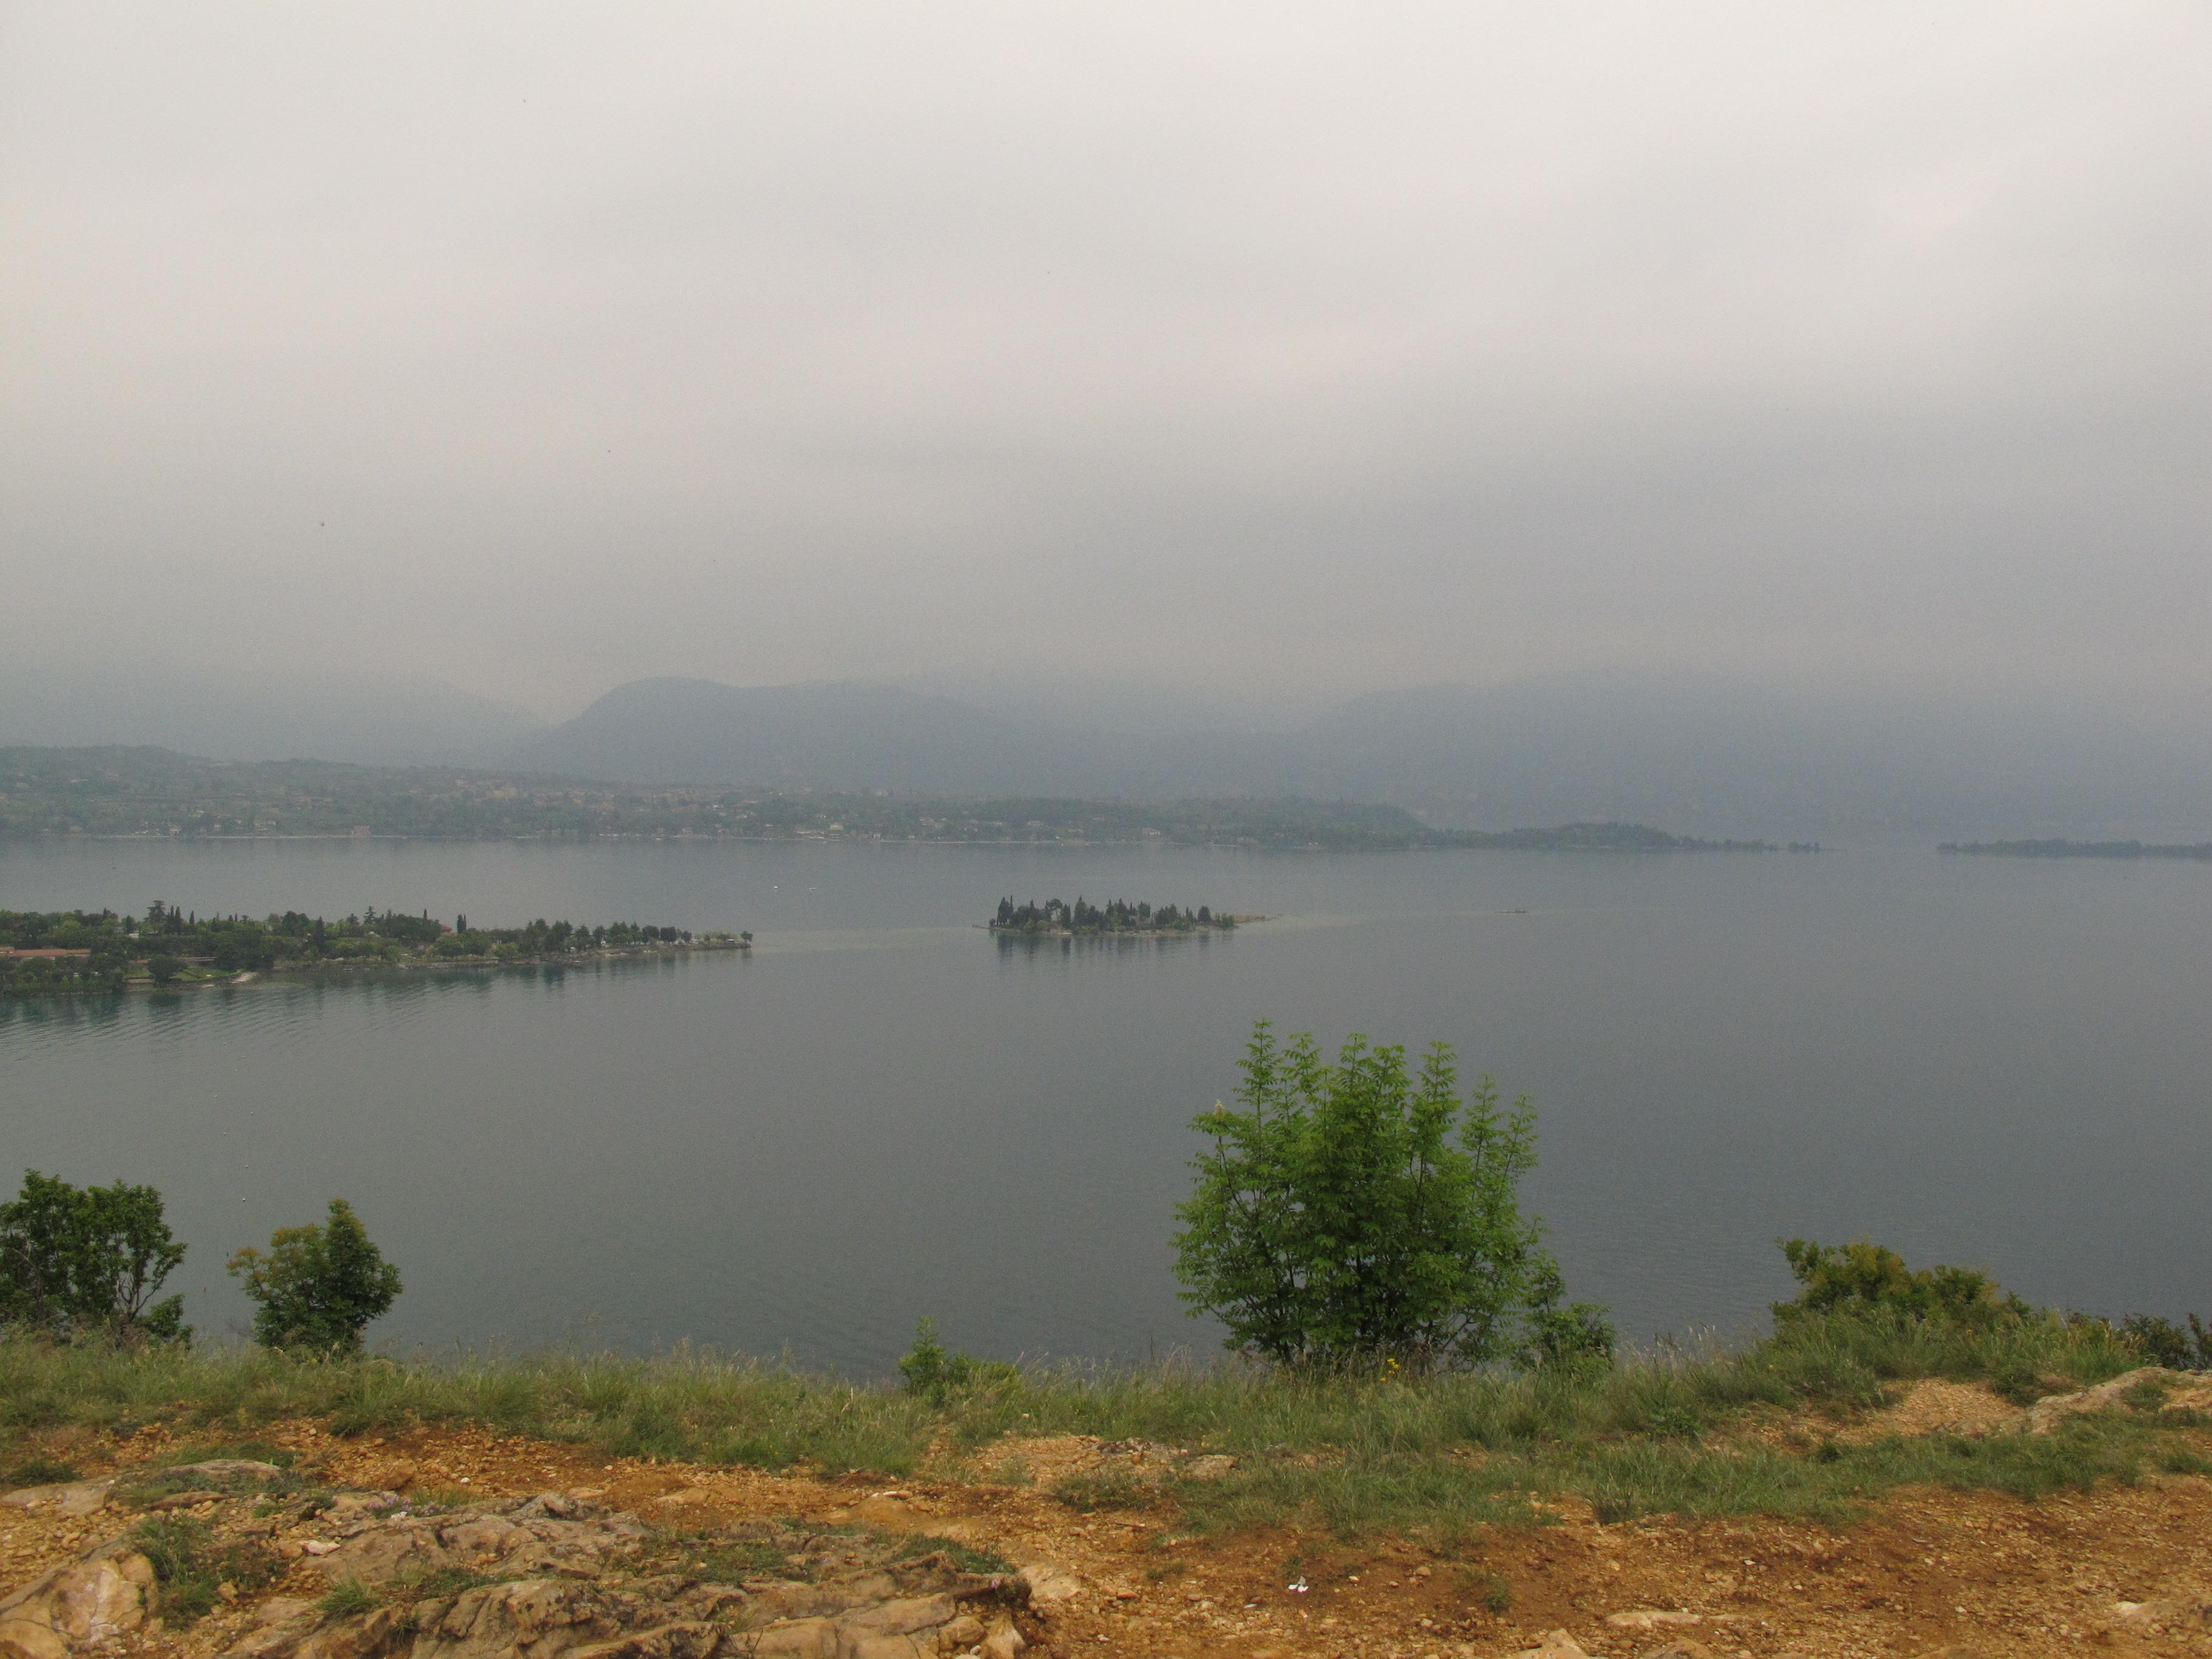 Visita ai luoghi gardesani_03 maggio 2015_49.JPG